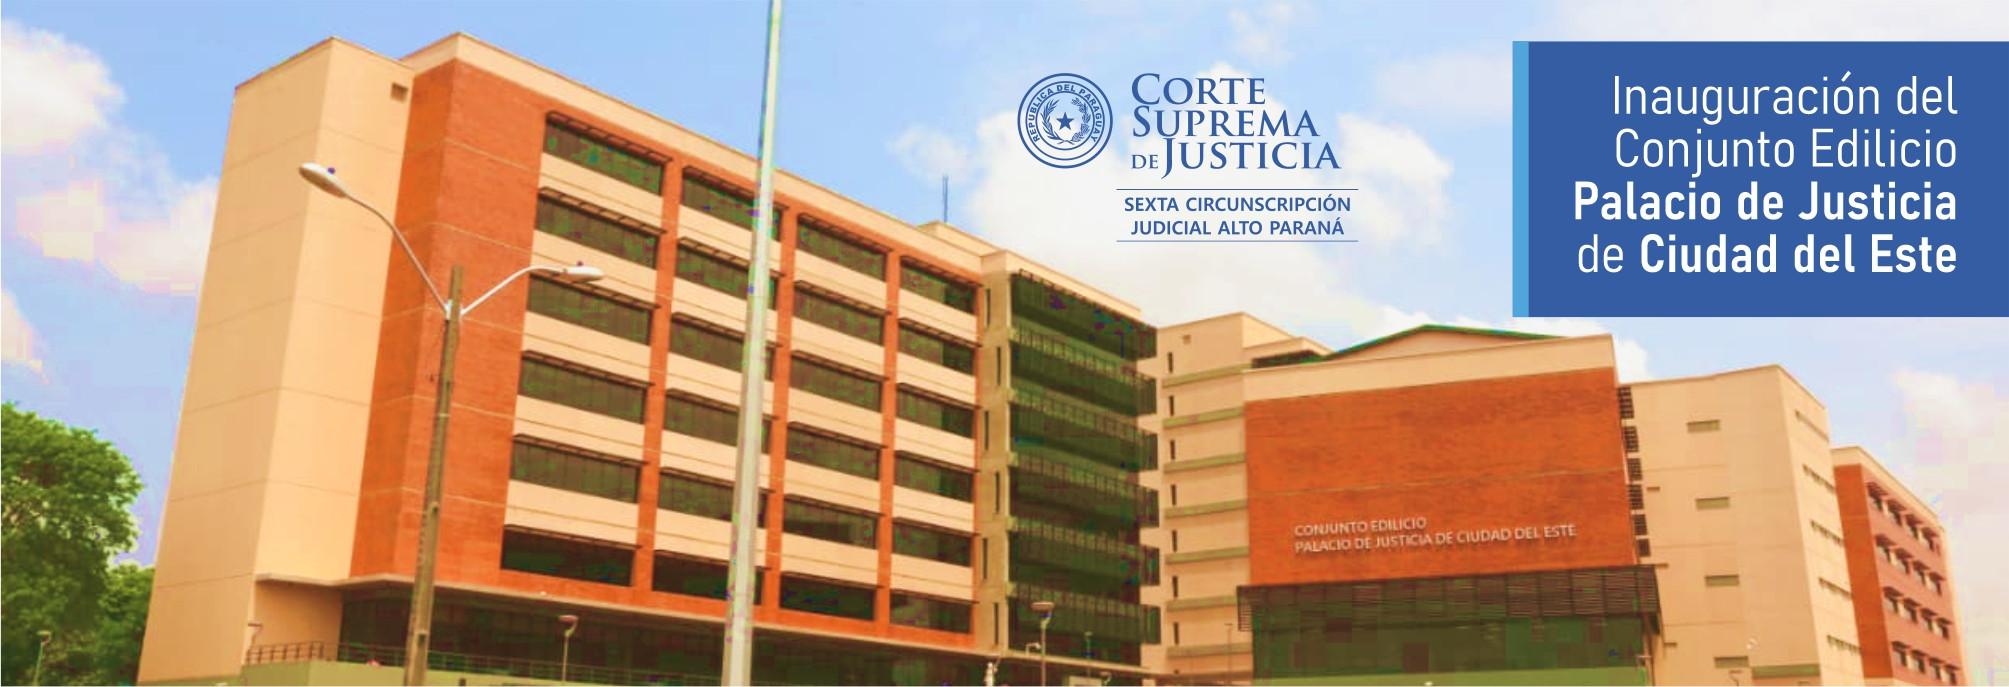 Conjunto Edilicio Palacio de Justicia de Ciudad del Este